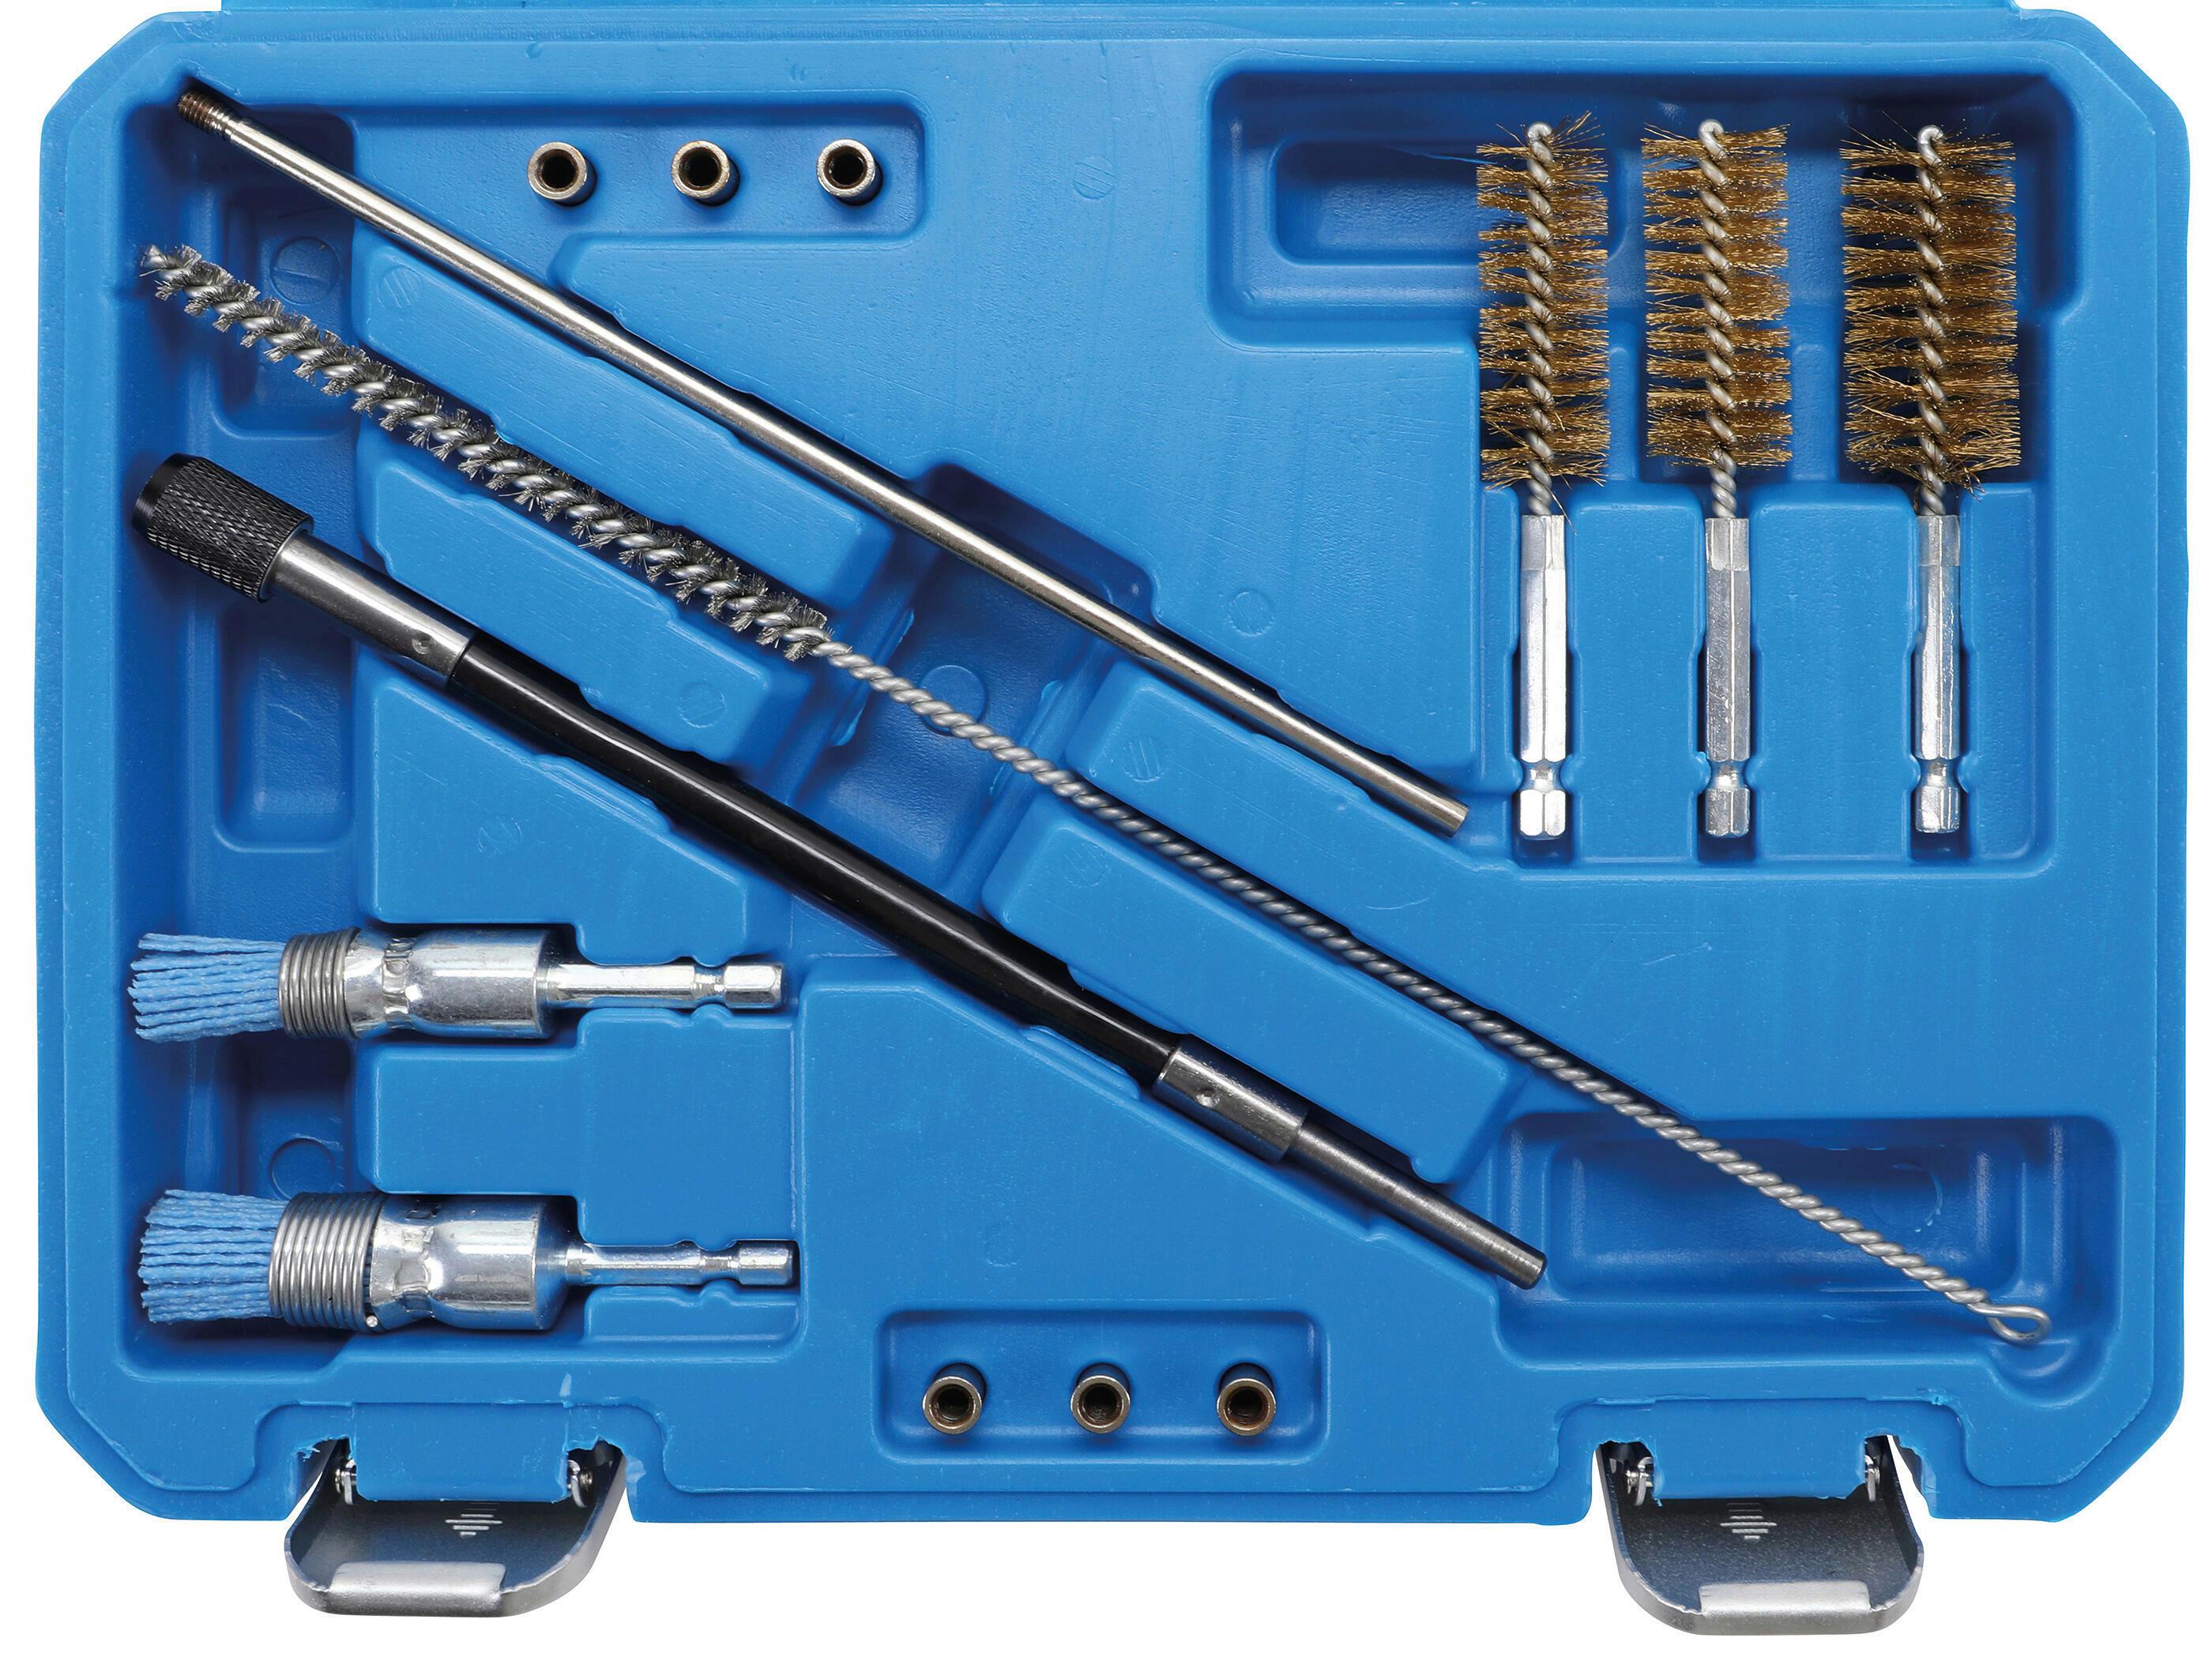 BGS Reinigungs-/Fräswerkzeugsatz, CR-Injektorschacht 9324